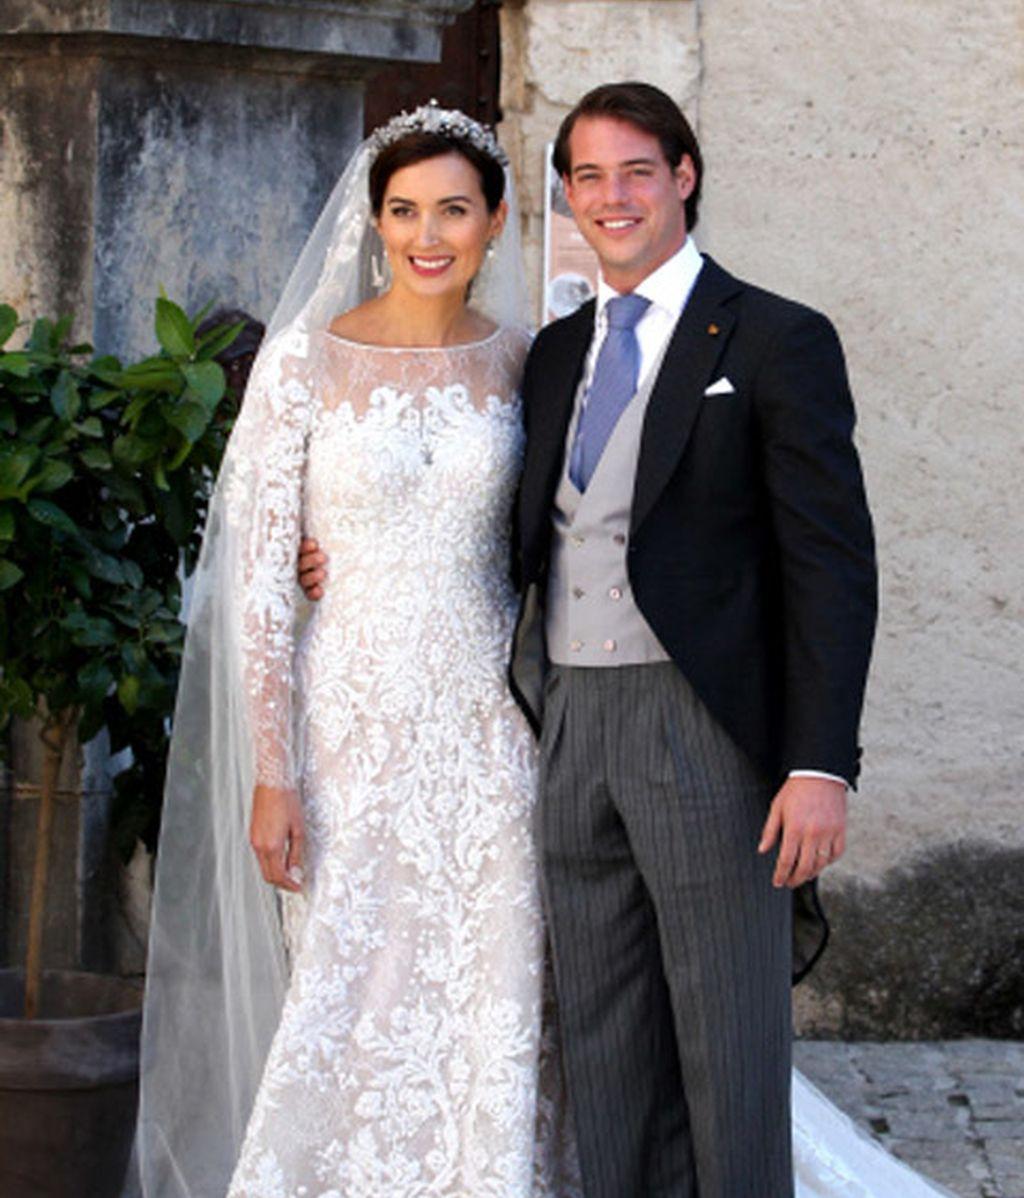 Los novios, Felix de Luxemburgo y Claire Lademacher, emocionados a la salida de la ceremonia